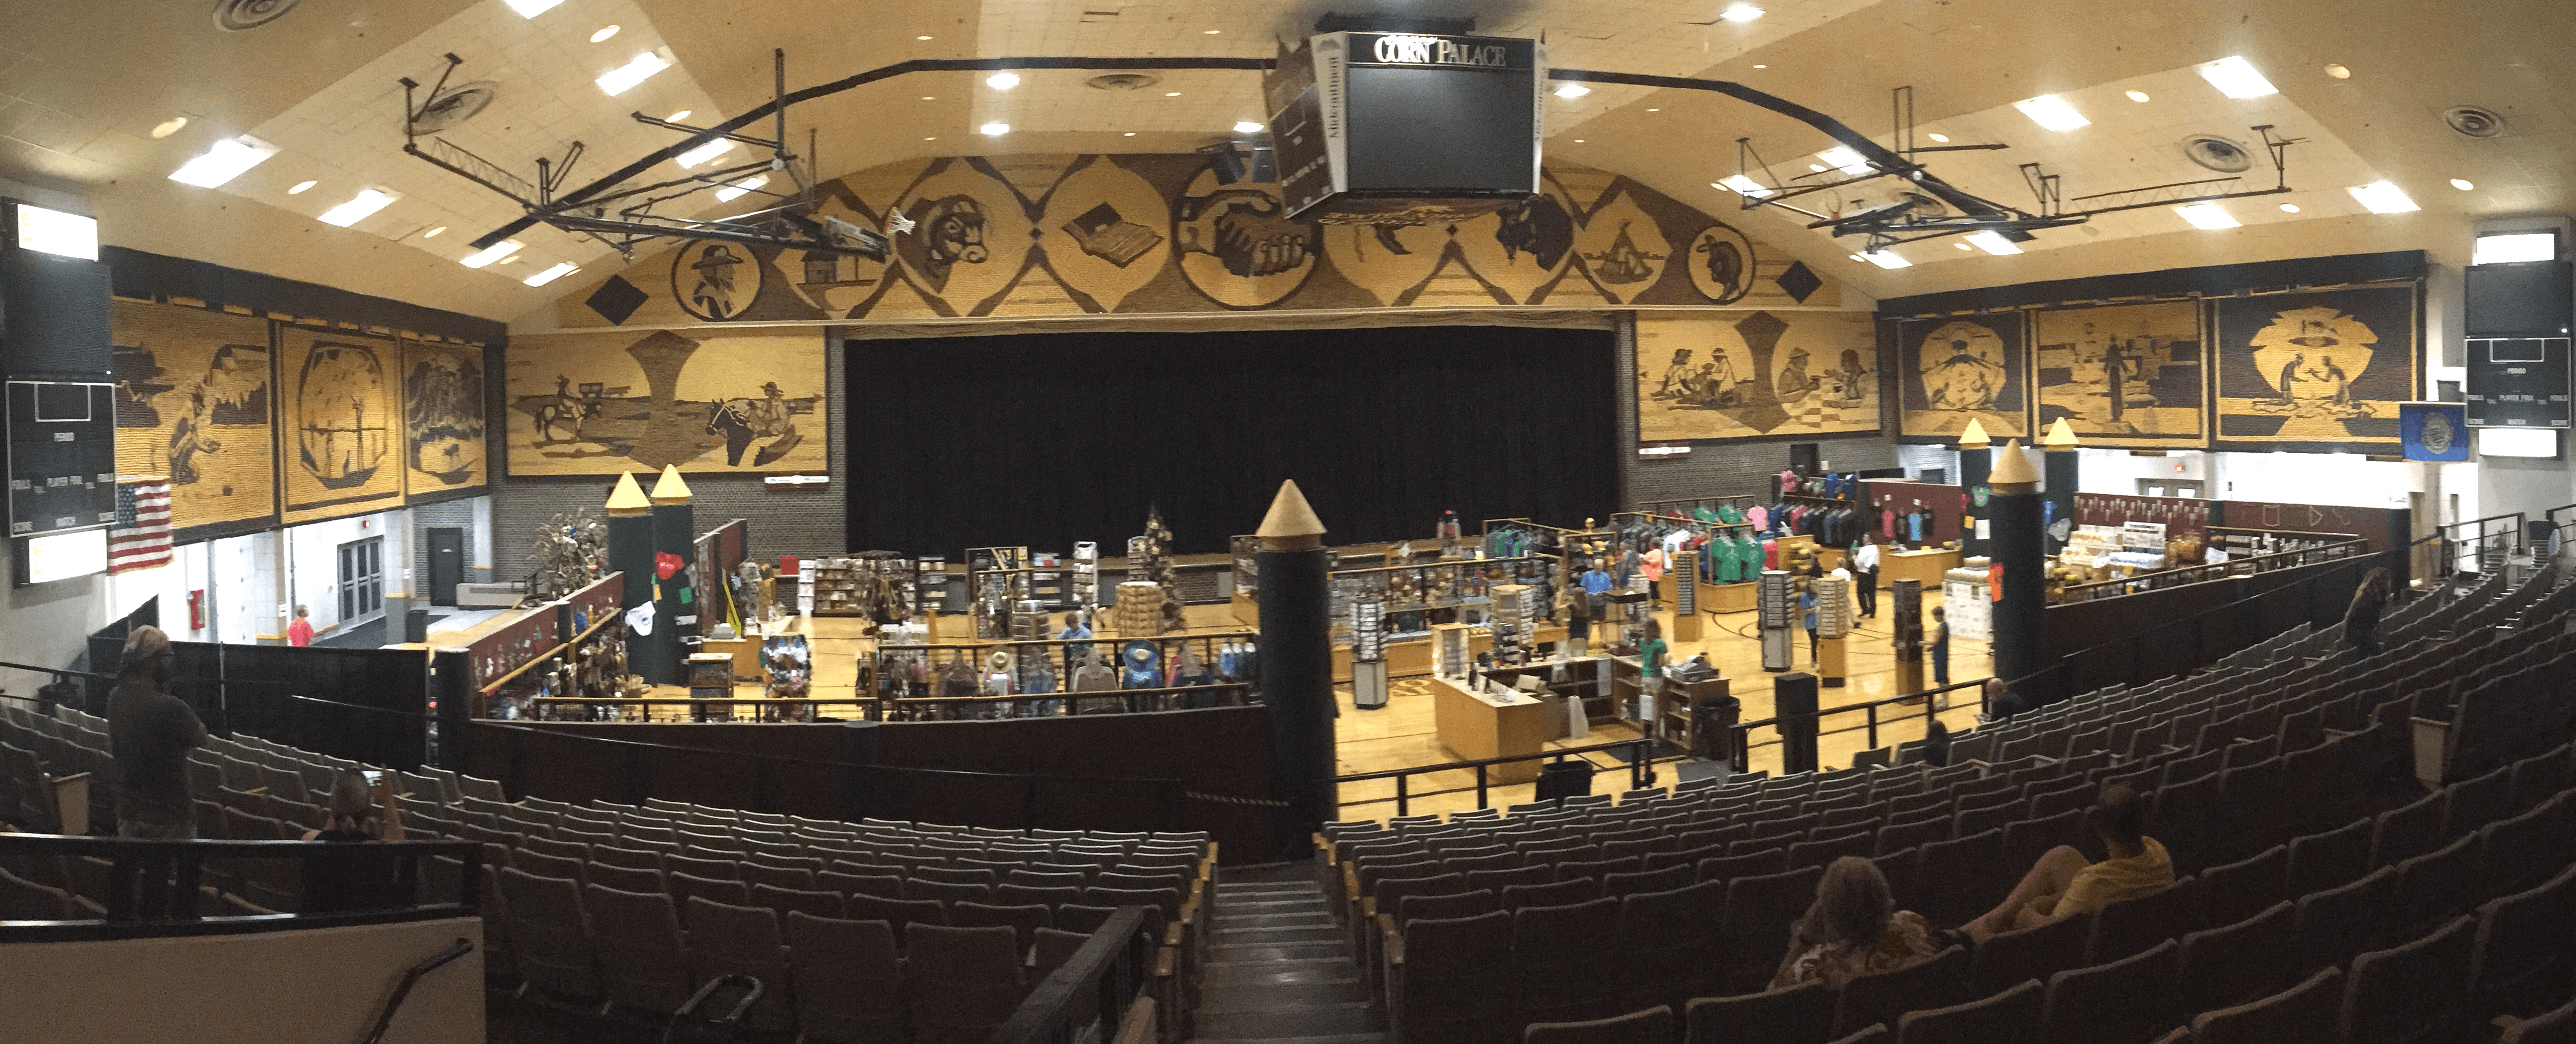 Corn Palace Arena